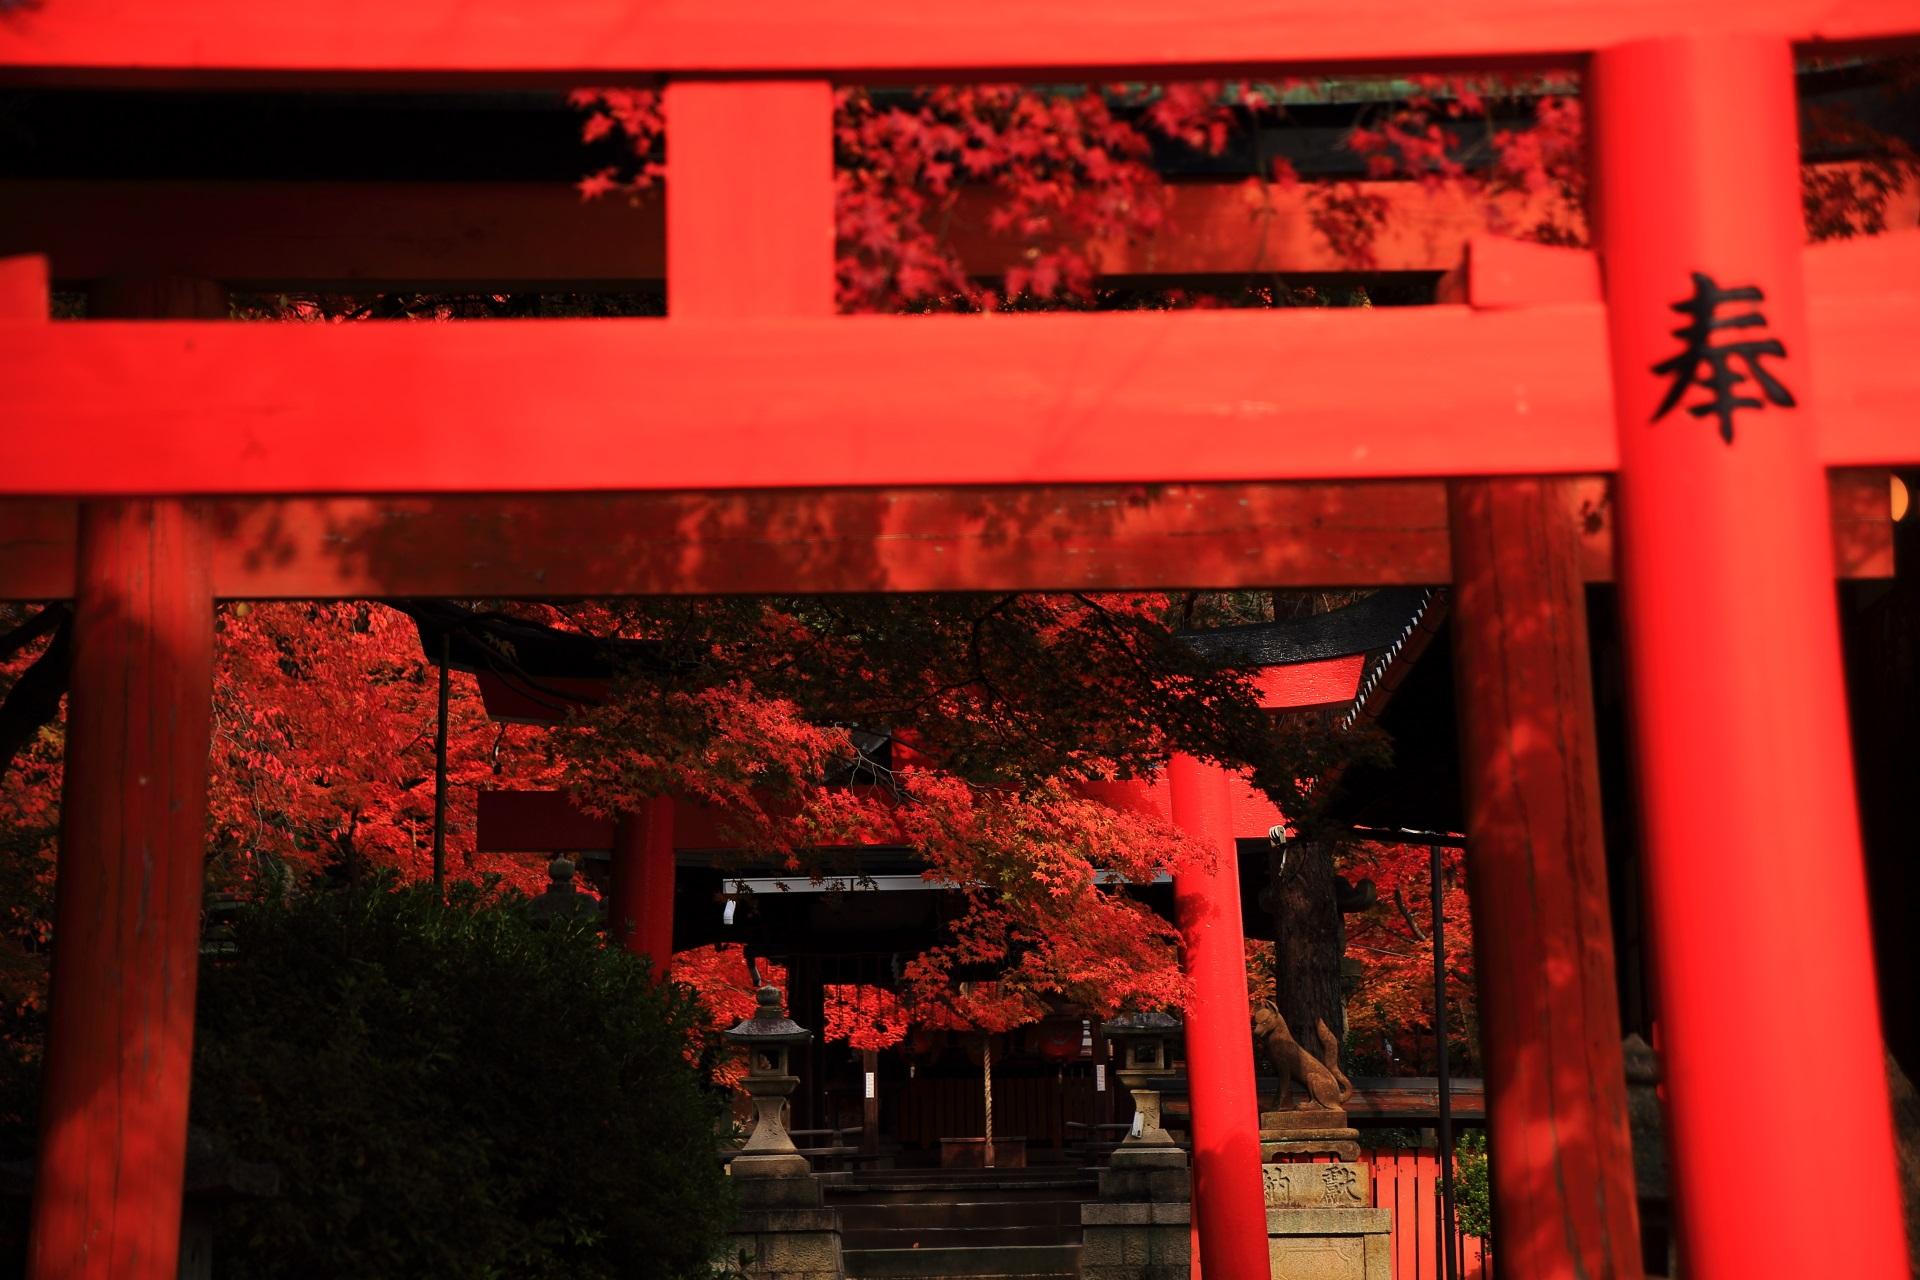 竹中稲荷神社の鳥居の間から溢れる紅葉